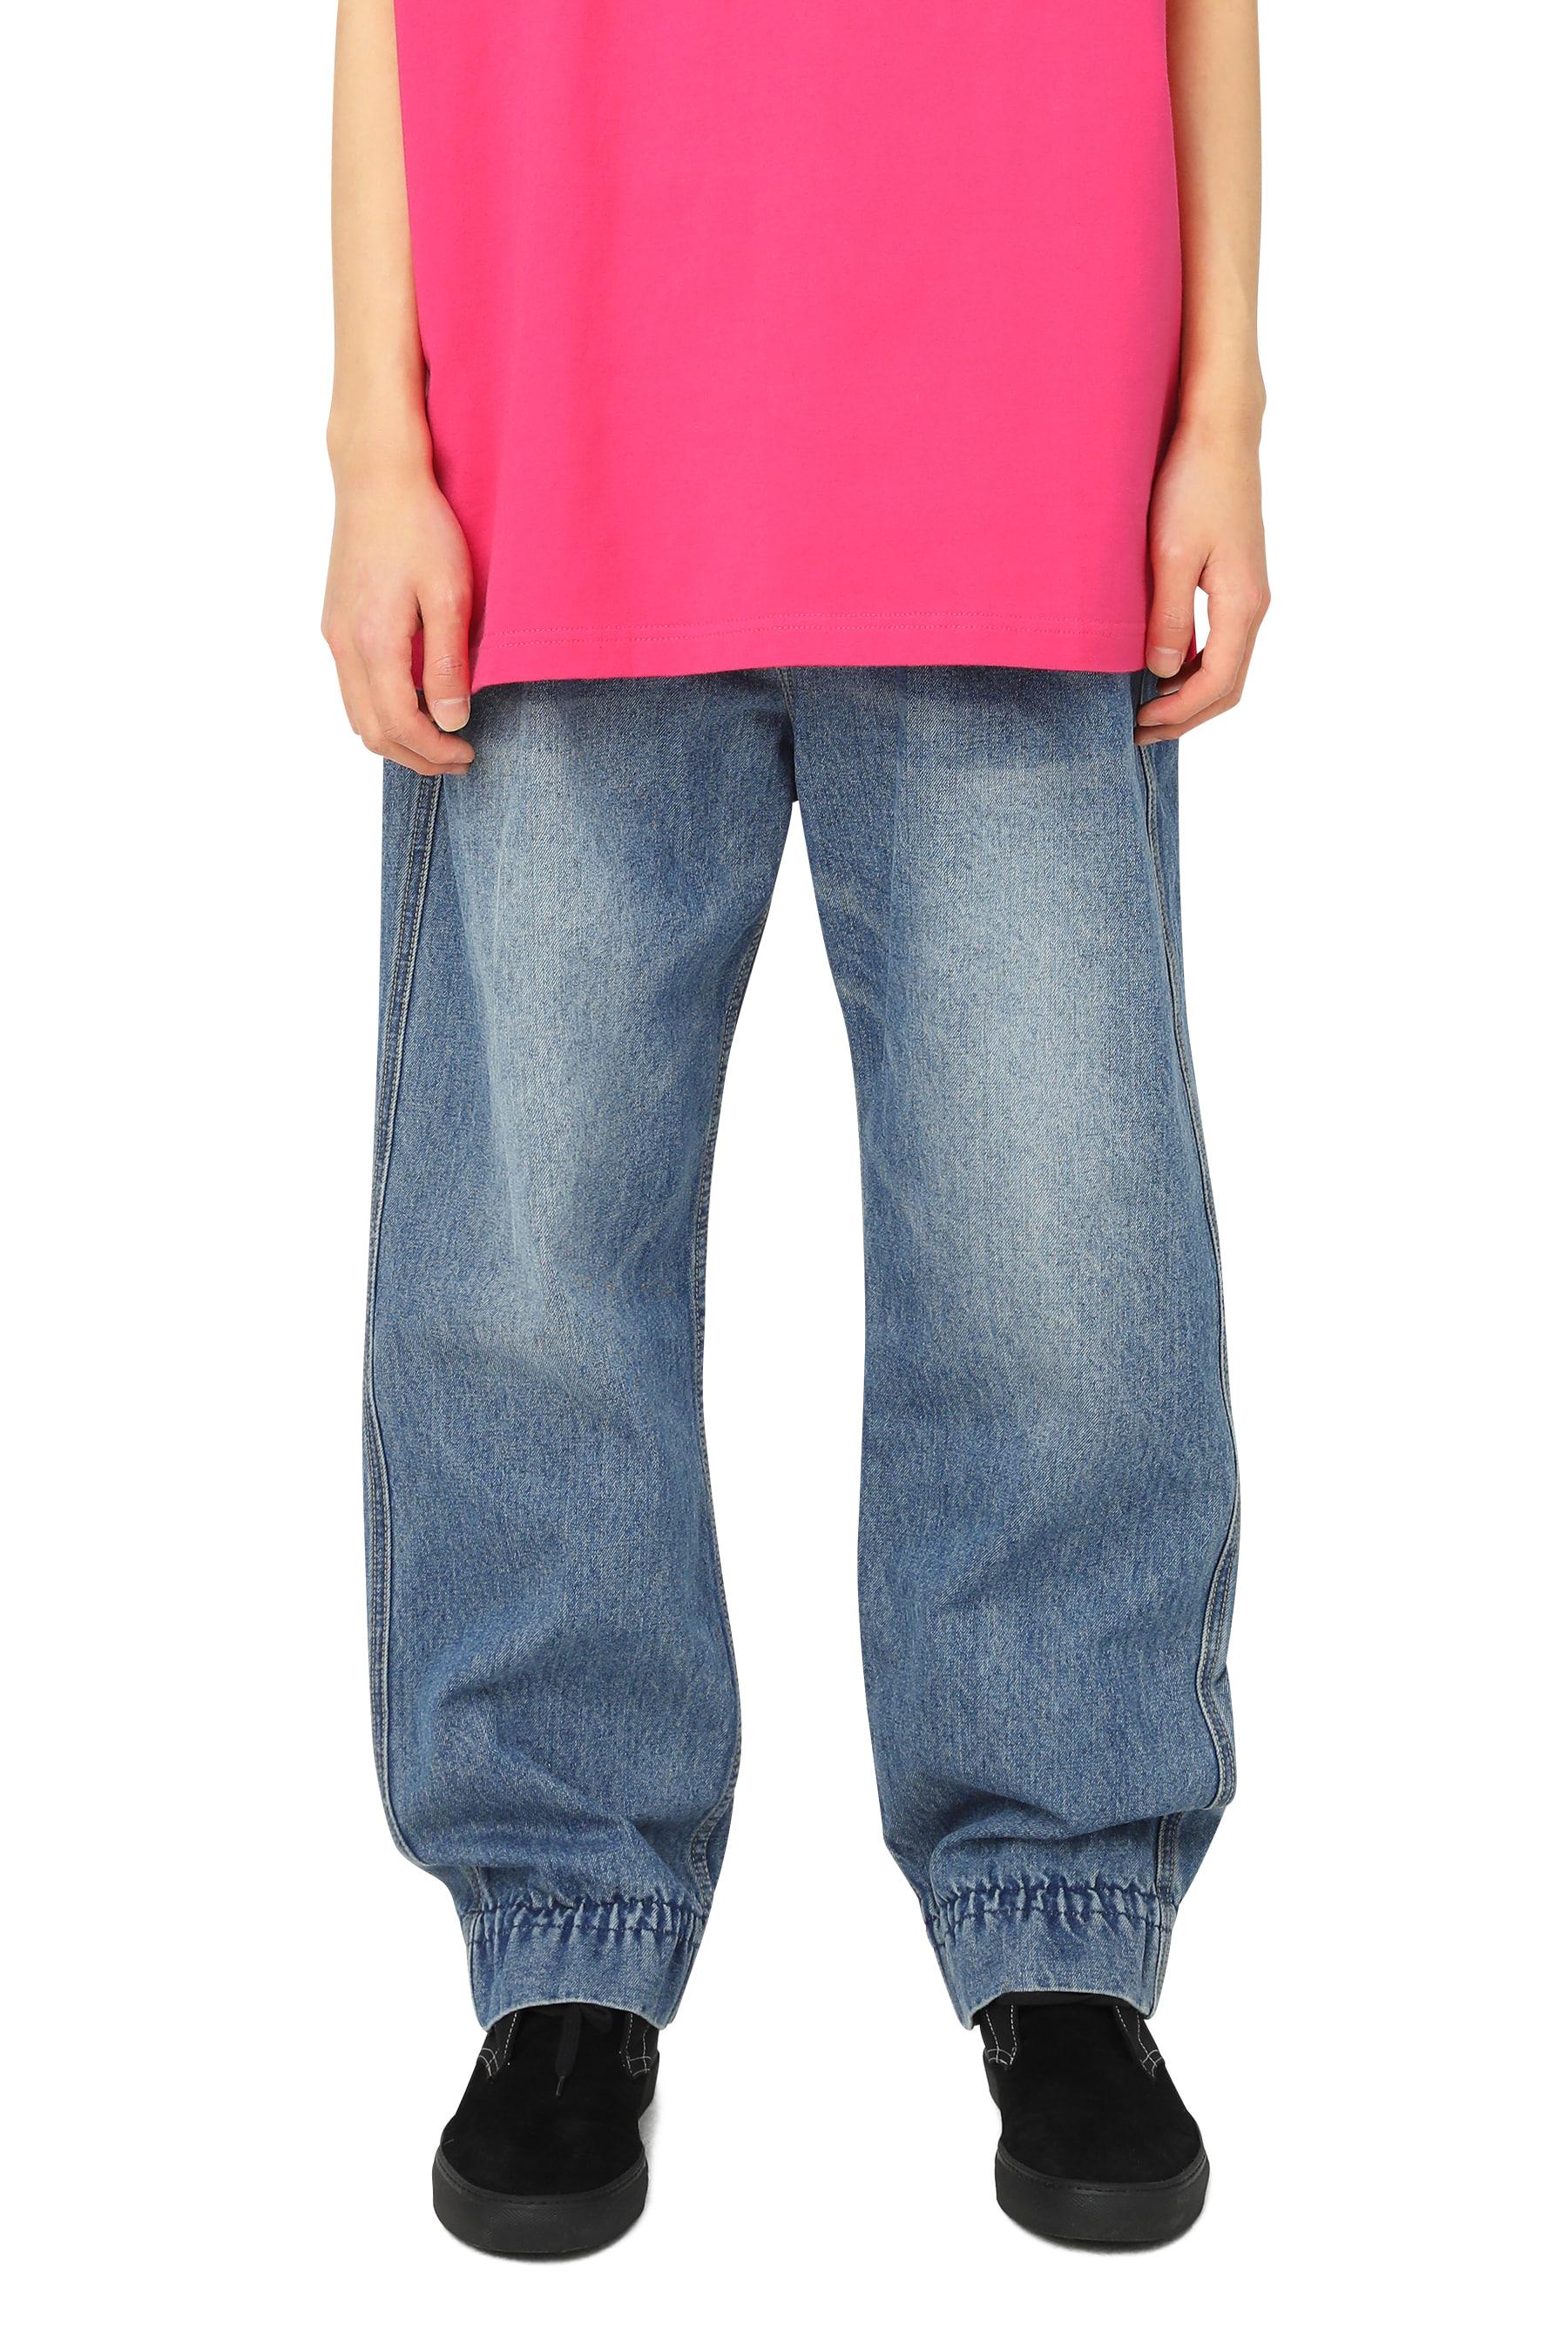 Y.E.S Denim Pants Deep Blue